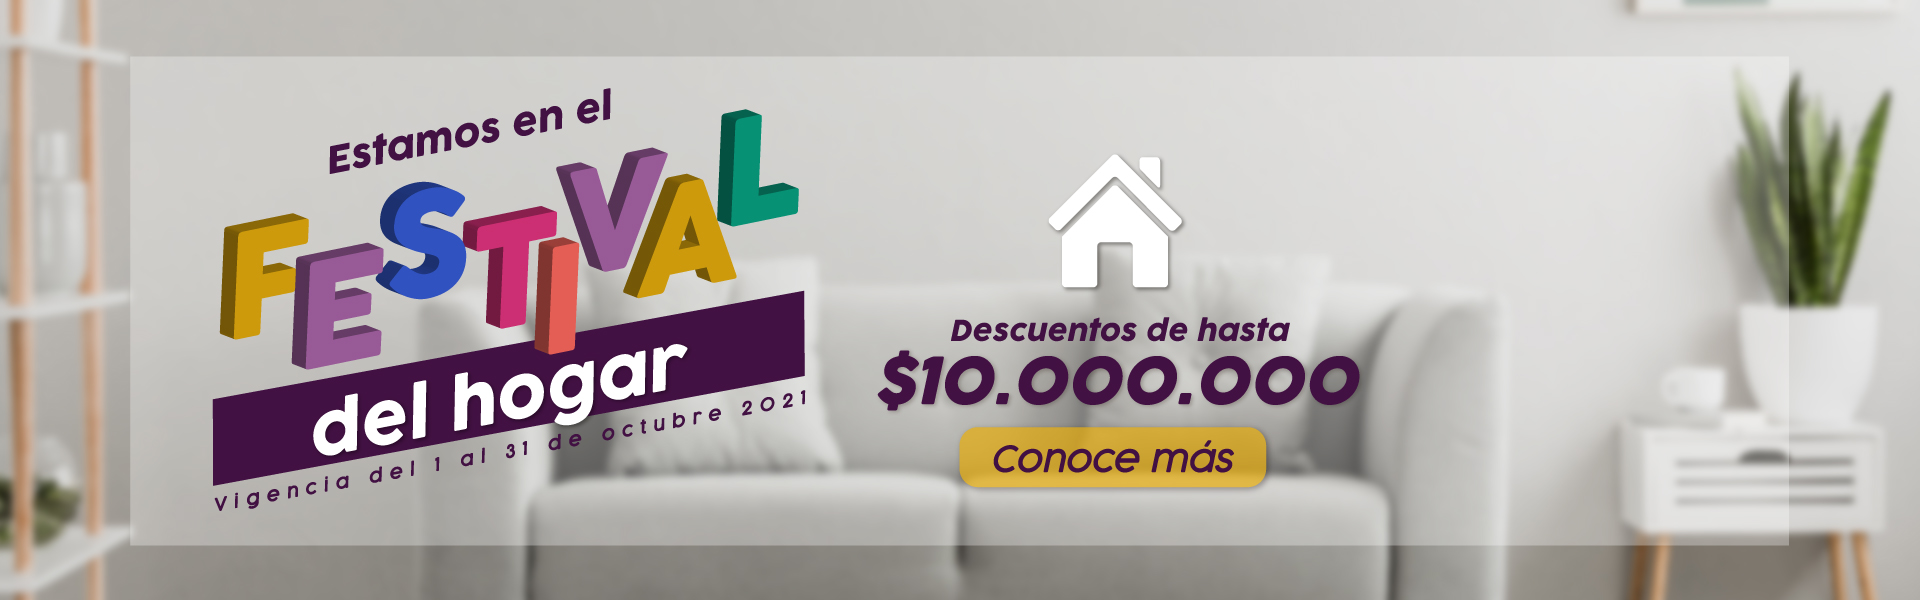 banner-festival-del-hogar-home1920